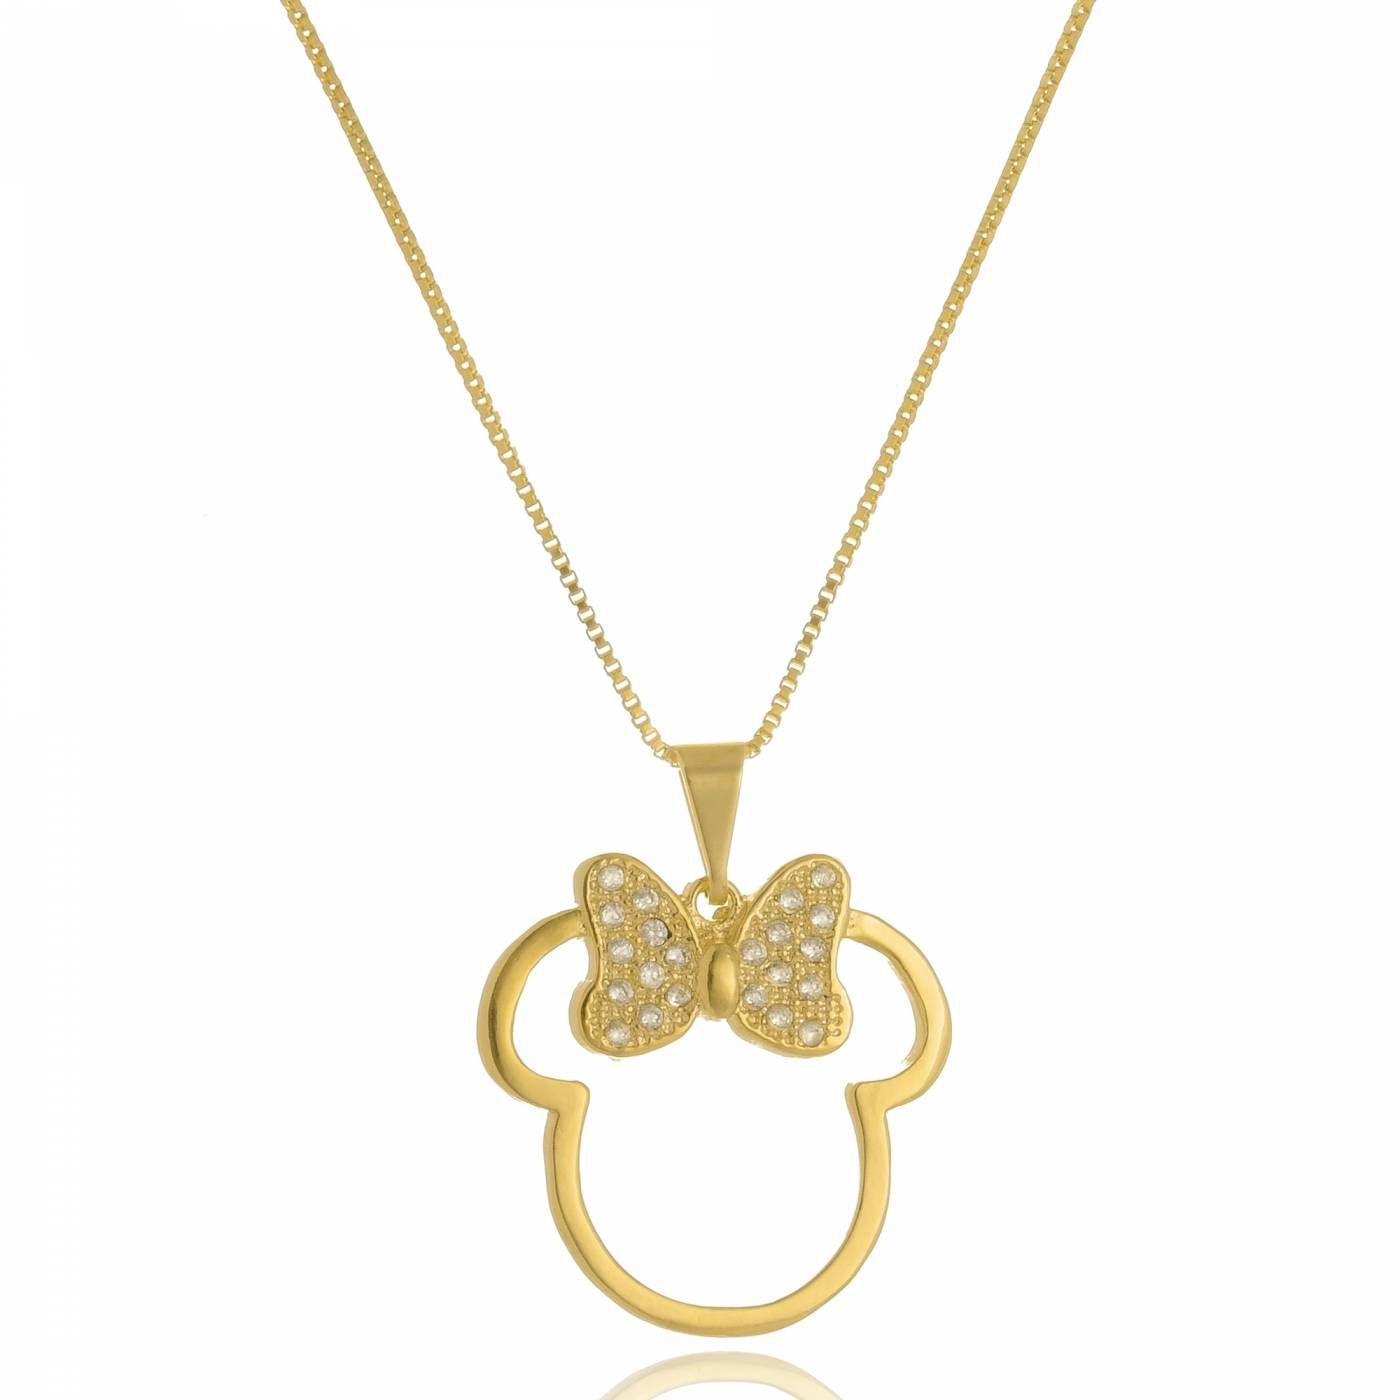 Colar Minnie com Mini Zircônias Folheado a Ouro 18K